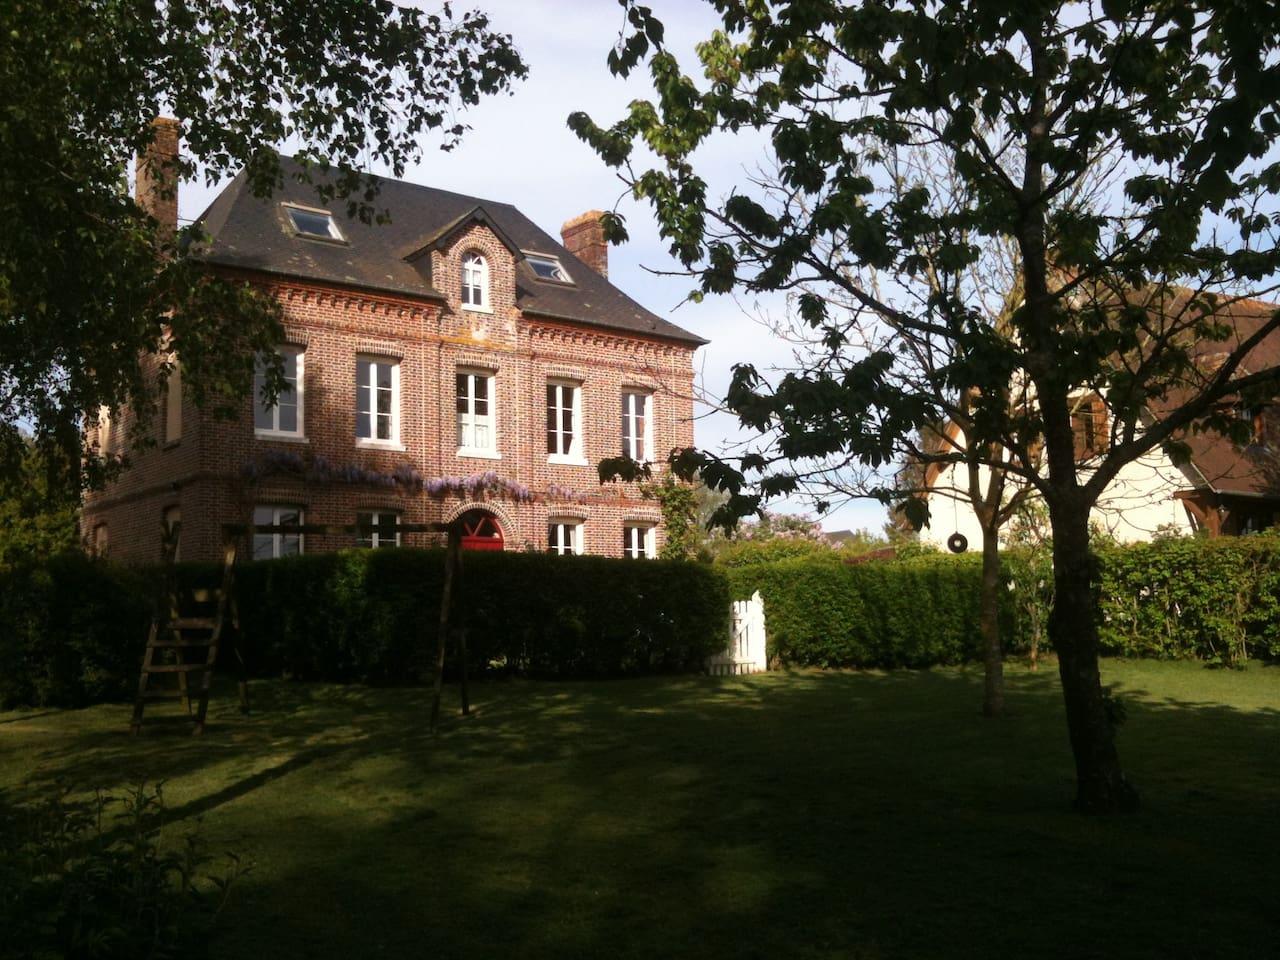 Maison de maître donnant sur un grand jardin